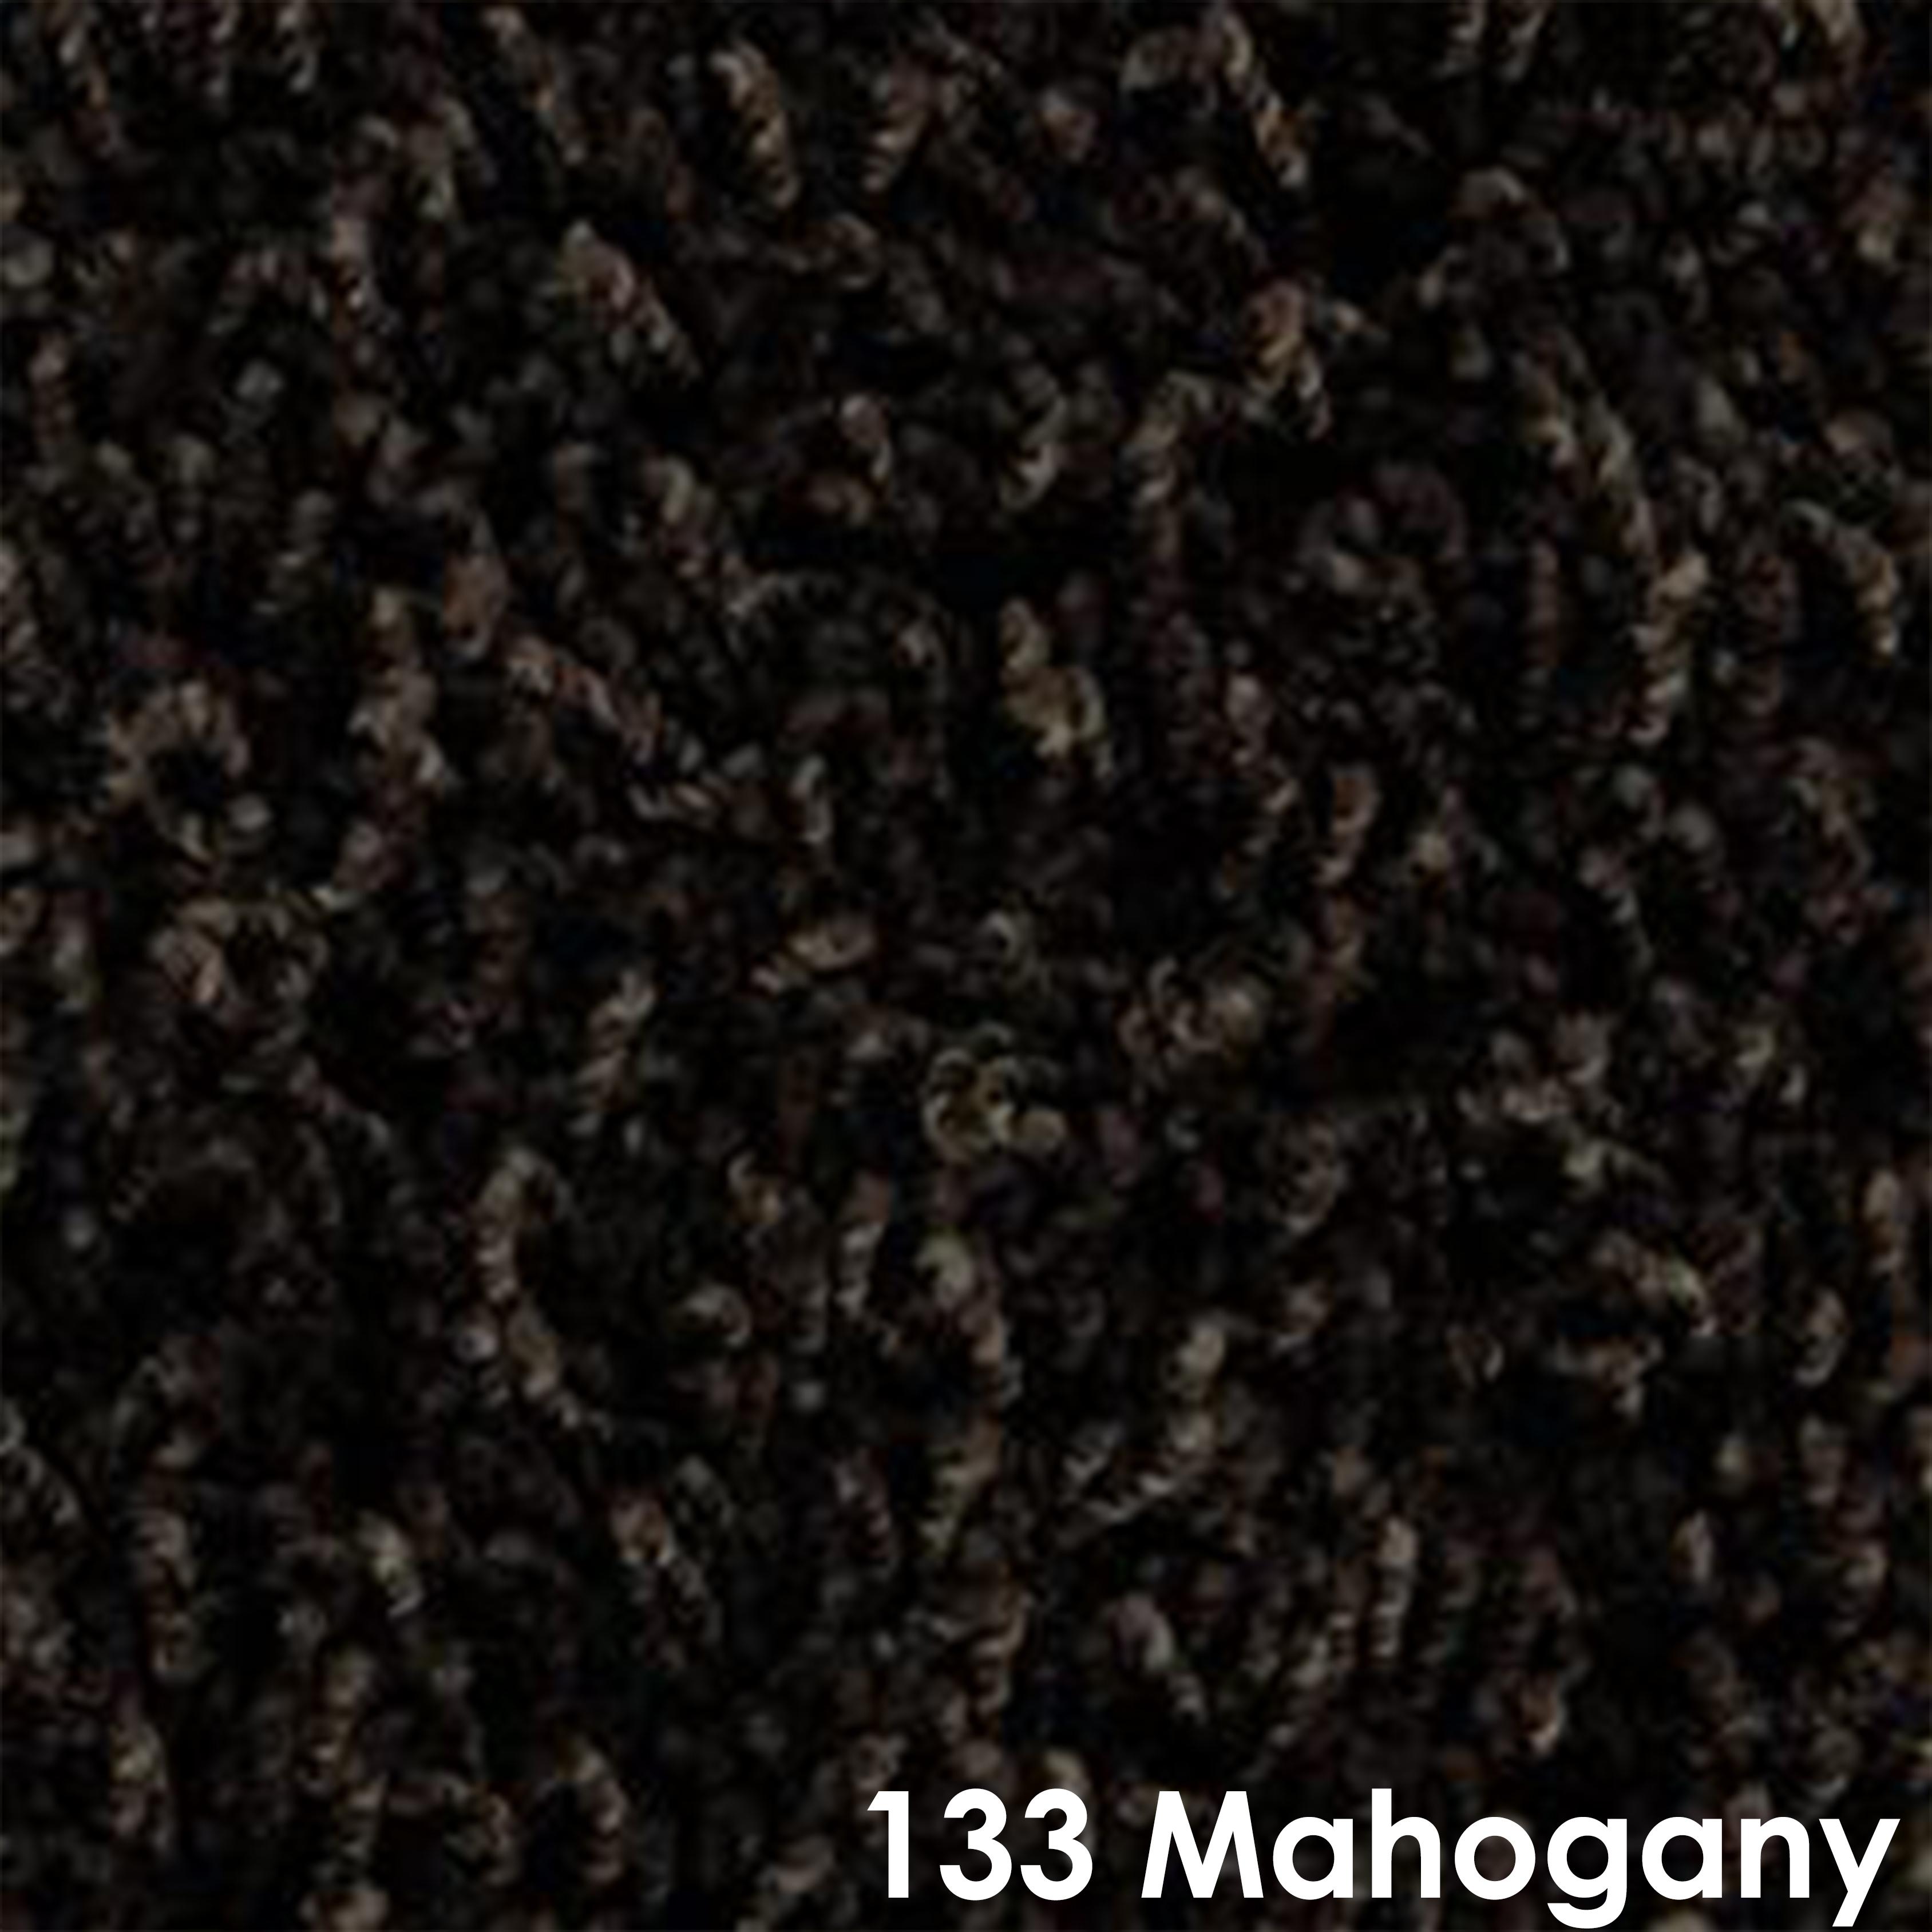 133 Mahogany